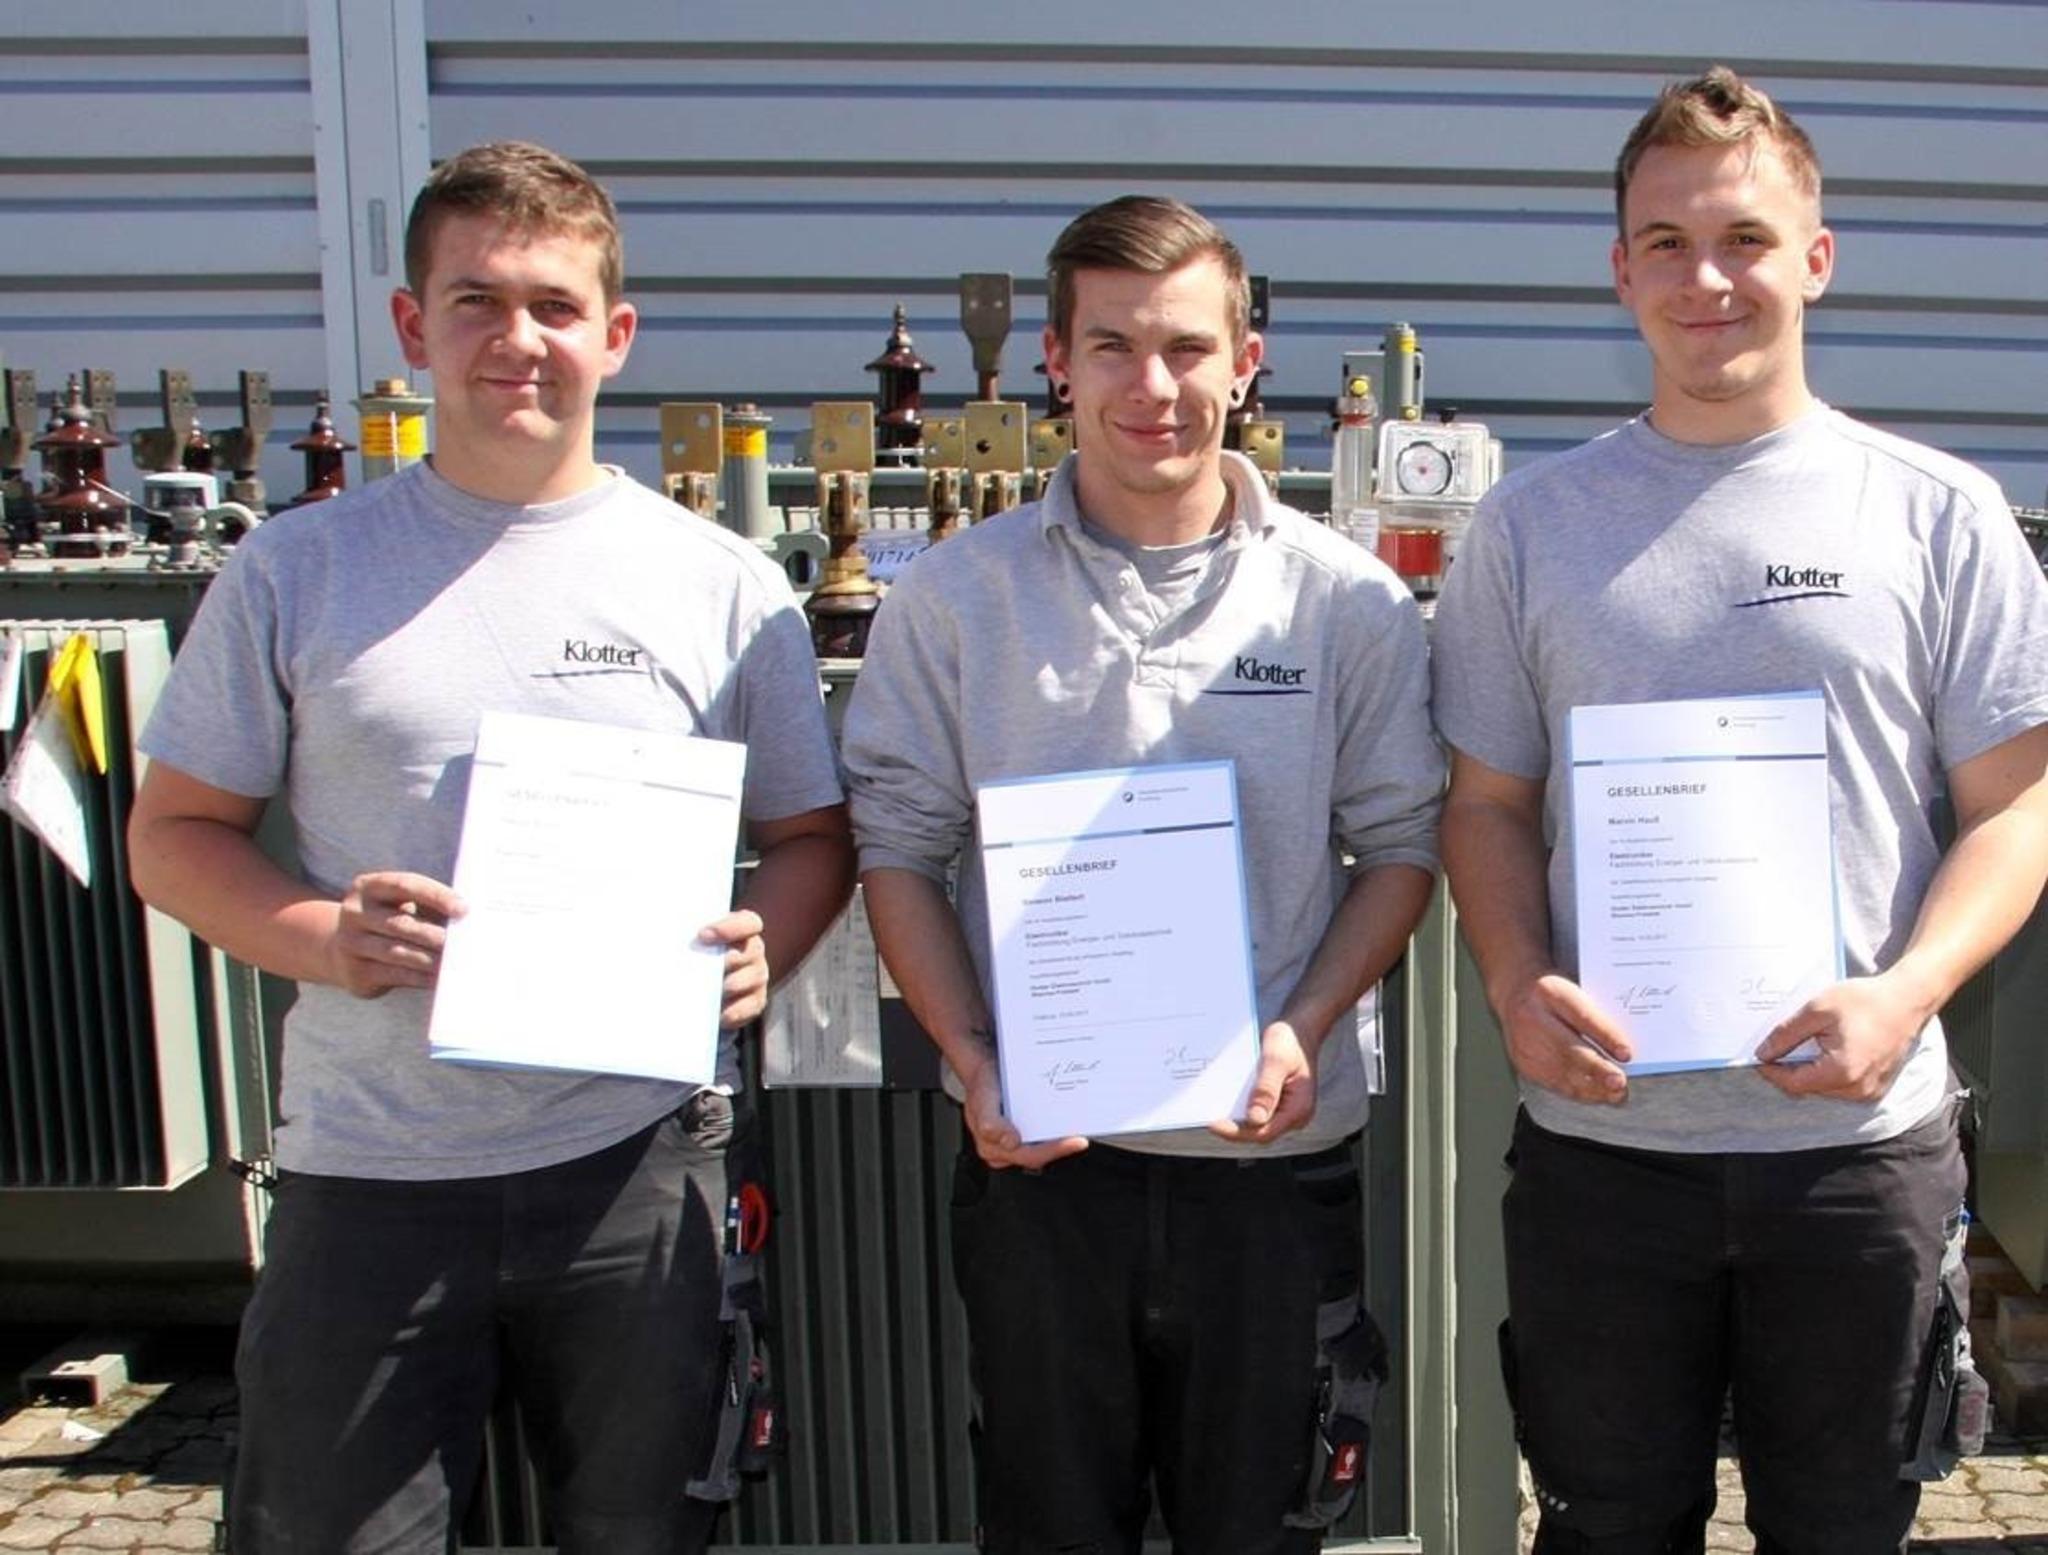 Das Foto zeigt (v. l.) Patrick Schuh sowie Simeon Blattert und Marvin Hauß, die ihre Ausbildung ebenfalls mit Erfolg absolviert haben.